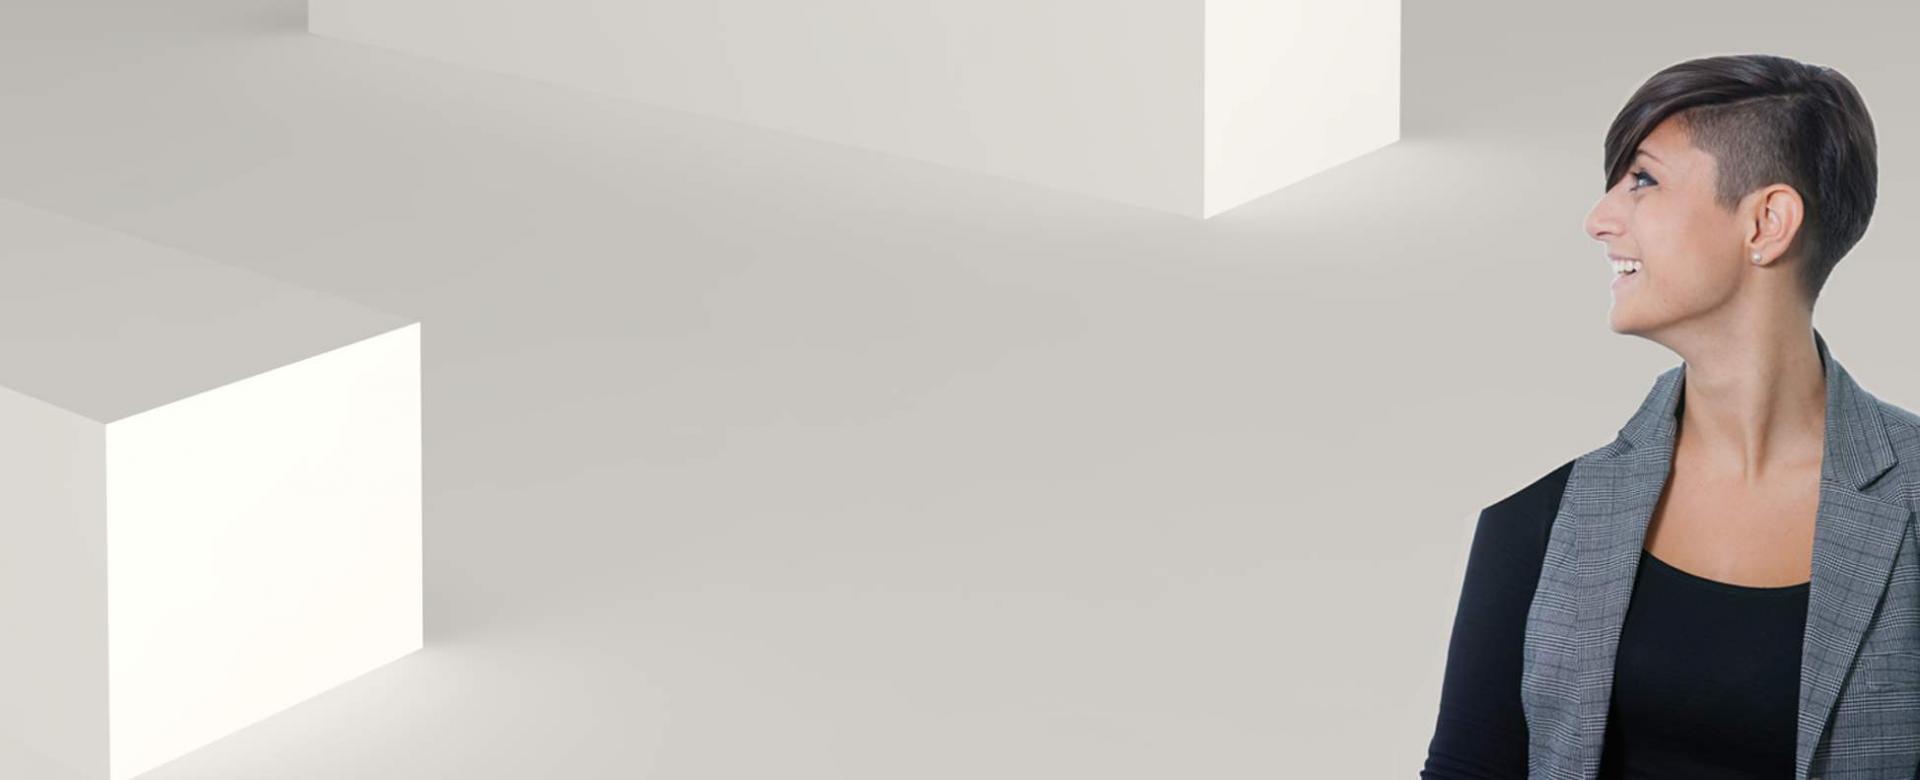 Laurea in design cinema digitale animazione vfx for Laurea in design